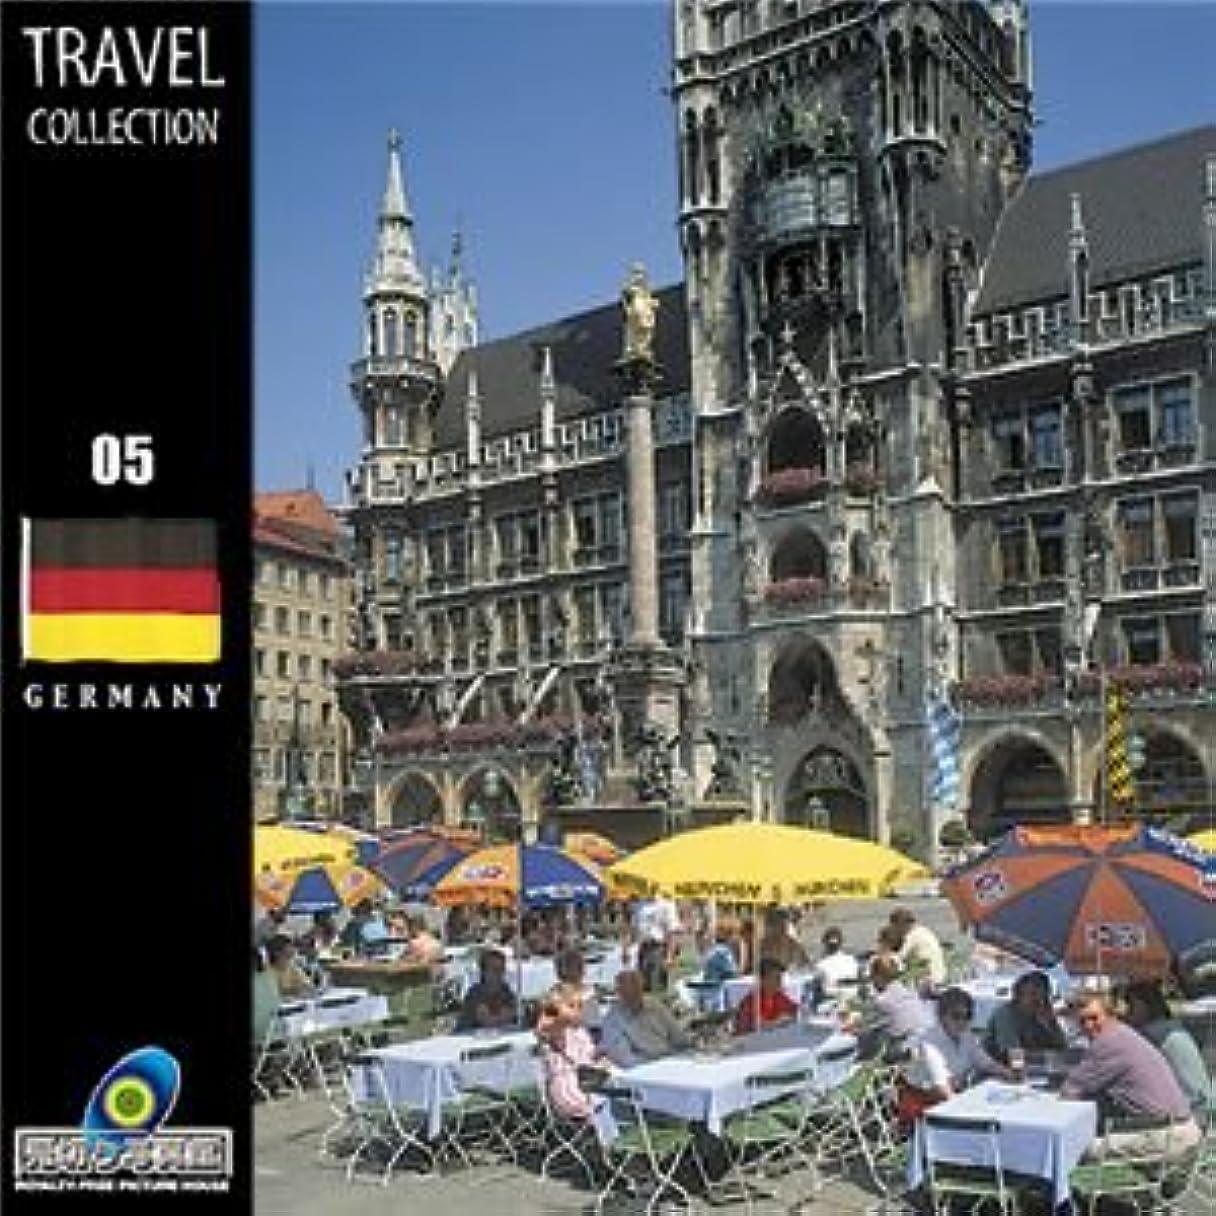 災害フルーツ野菜エピソード写真素材 Travel Collection Vol.006 ドイツ Germany